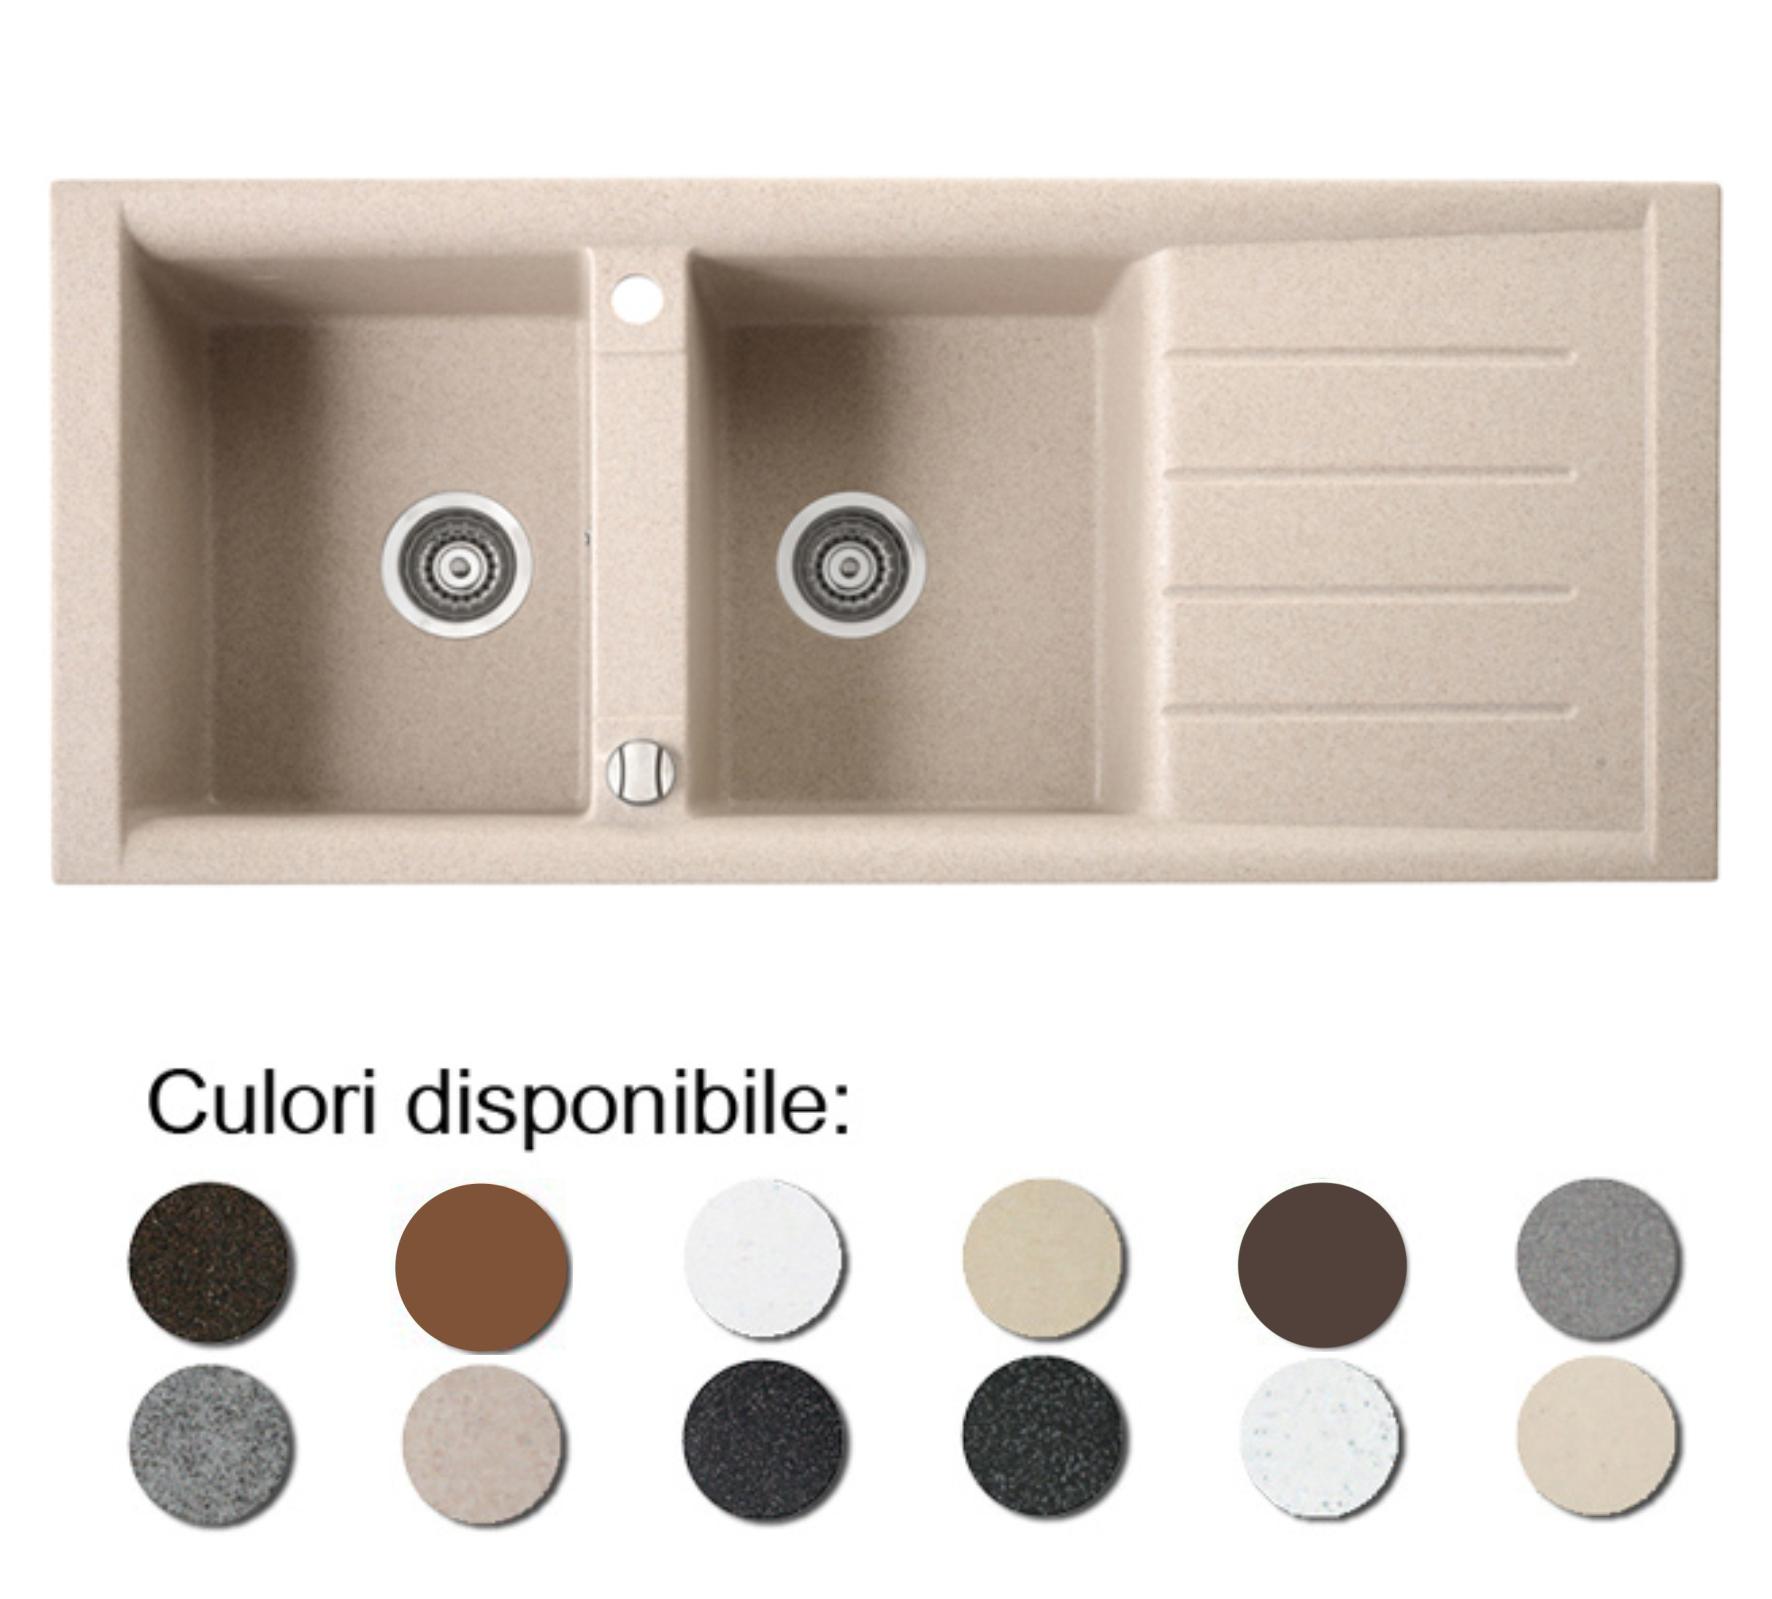 Chiuveta Bucatarie Granit Compozit Anticalcar Cuve Picurator Chiuvete Ilustratie